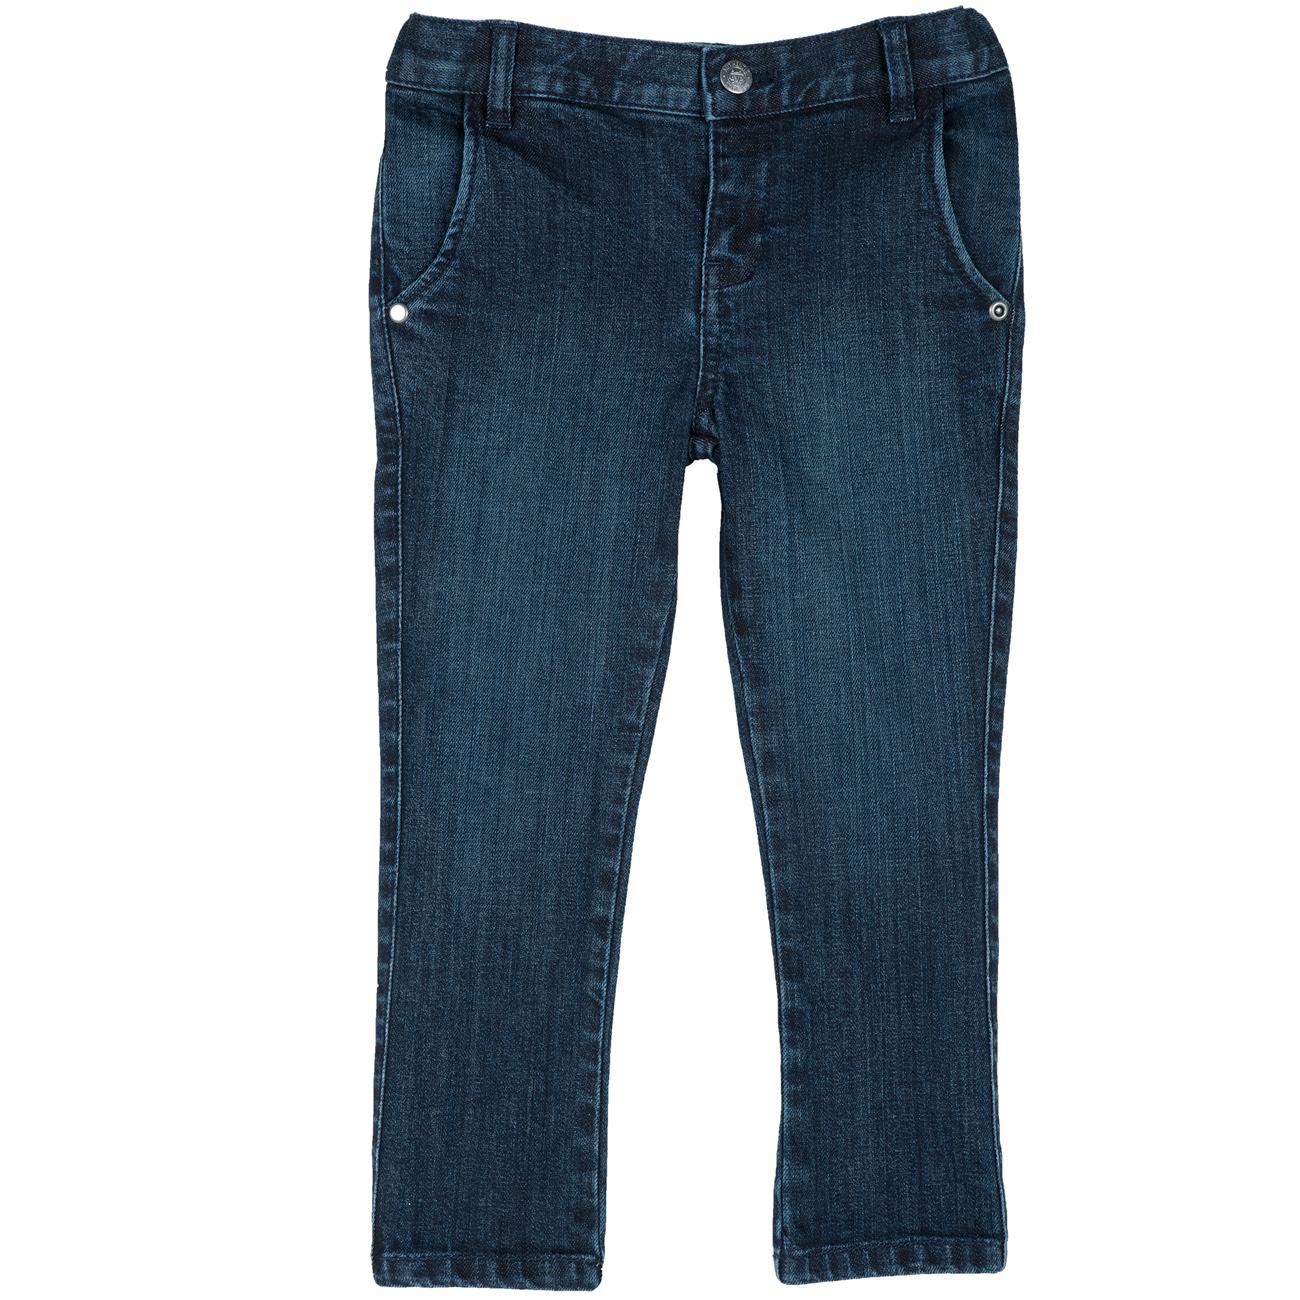 Pantaloni Jeans Copii Chicco, Albastru Inchis imagine